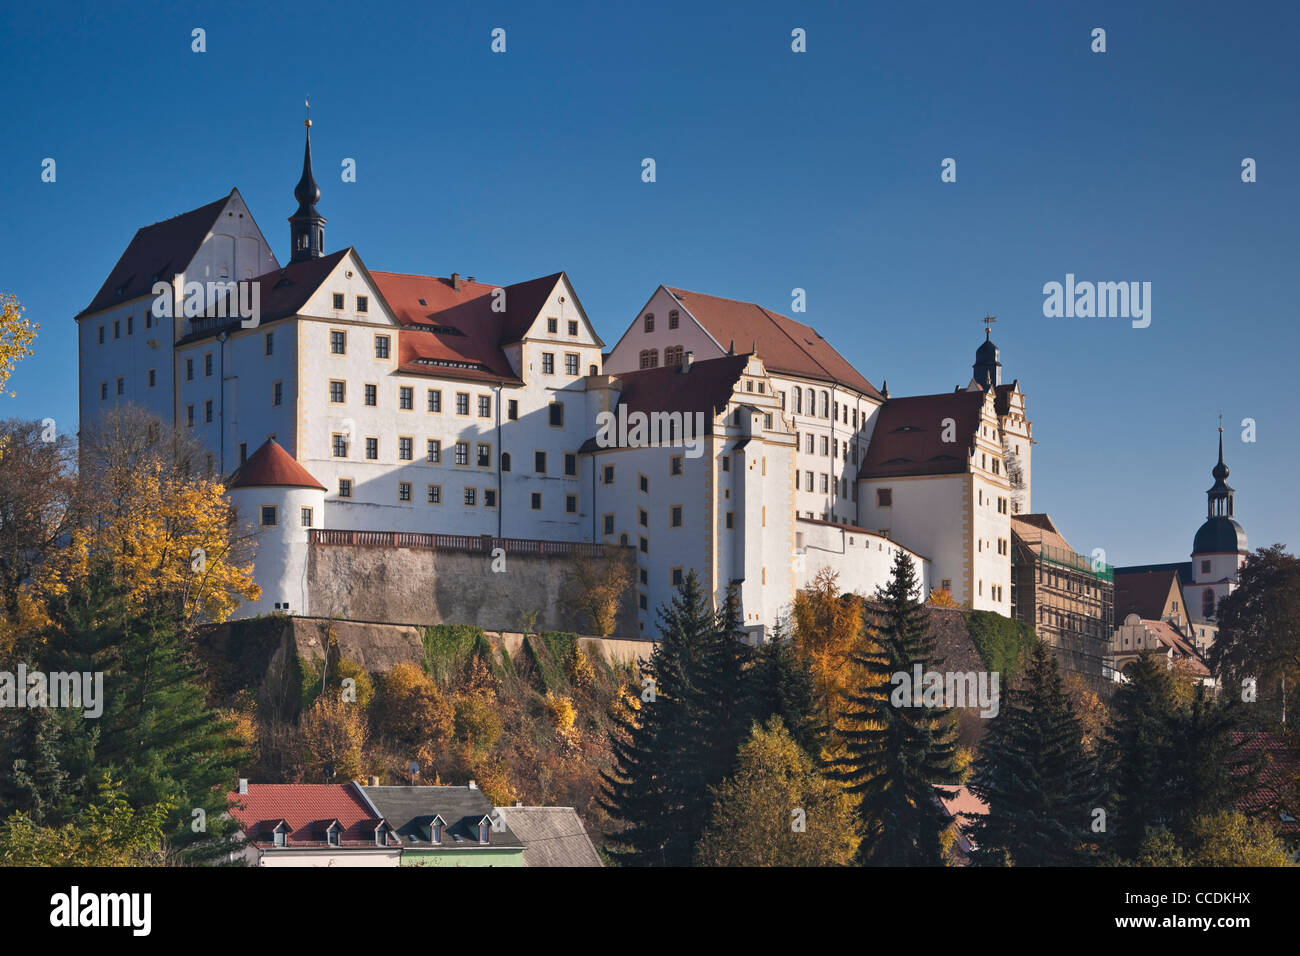 n 1046, erstmals urkundlich erwähnt Schloss Colditz in der Nähe von Leipzig, Sachsen, Deutschland, Europa Stockbild